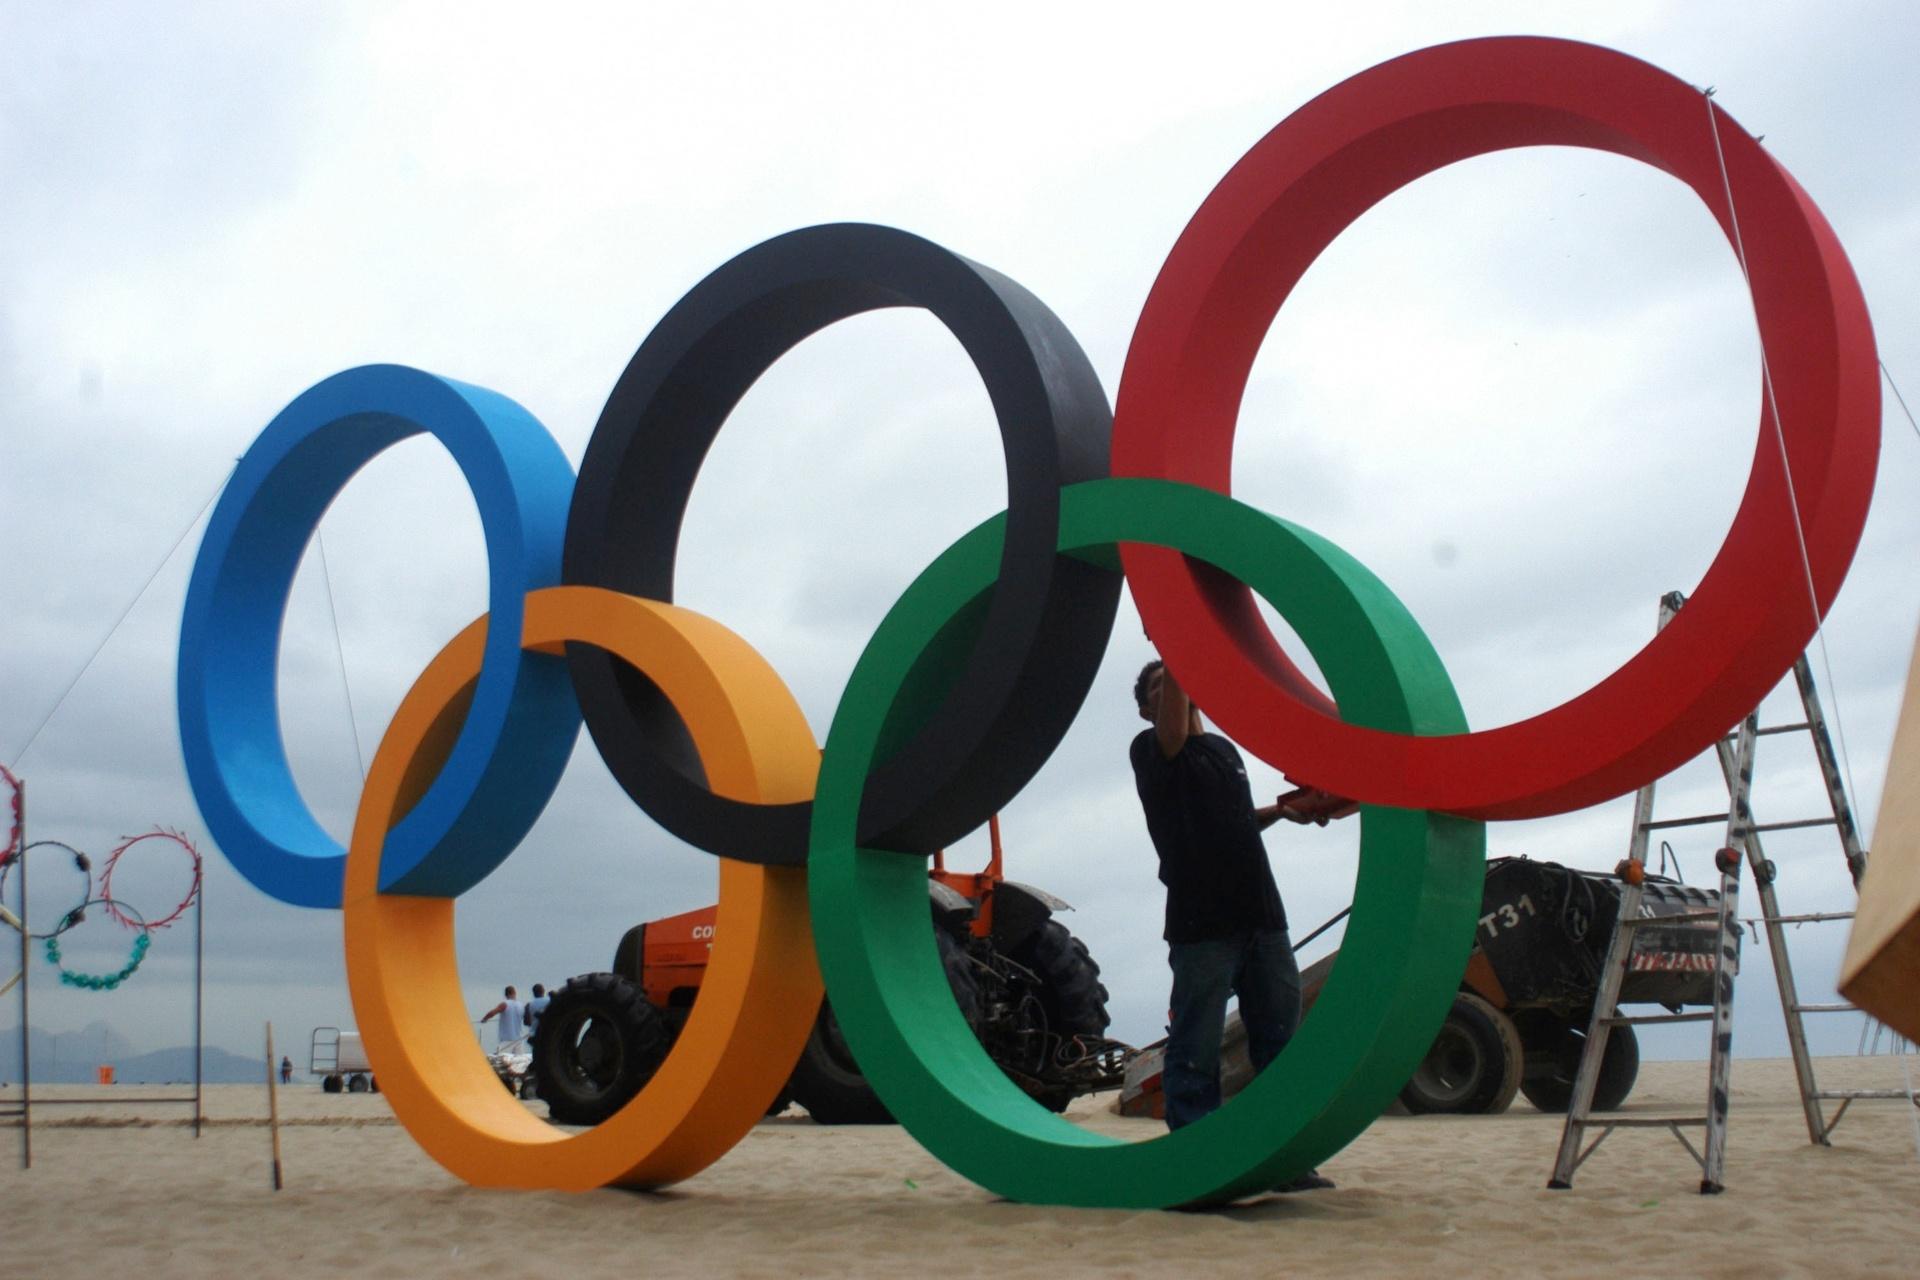 21.jul.2016 - Escultura dos aros olímpicos é inaugurada na praia de Copacabana, no Rio de Janeiro. A criadora da obra é a artista Elisa Brasil, que usou material reciclado para fazer a escultura